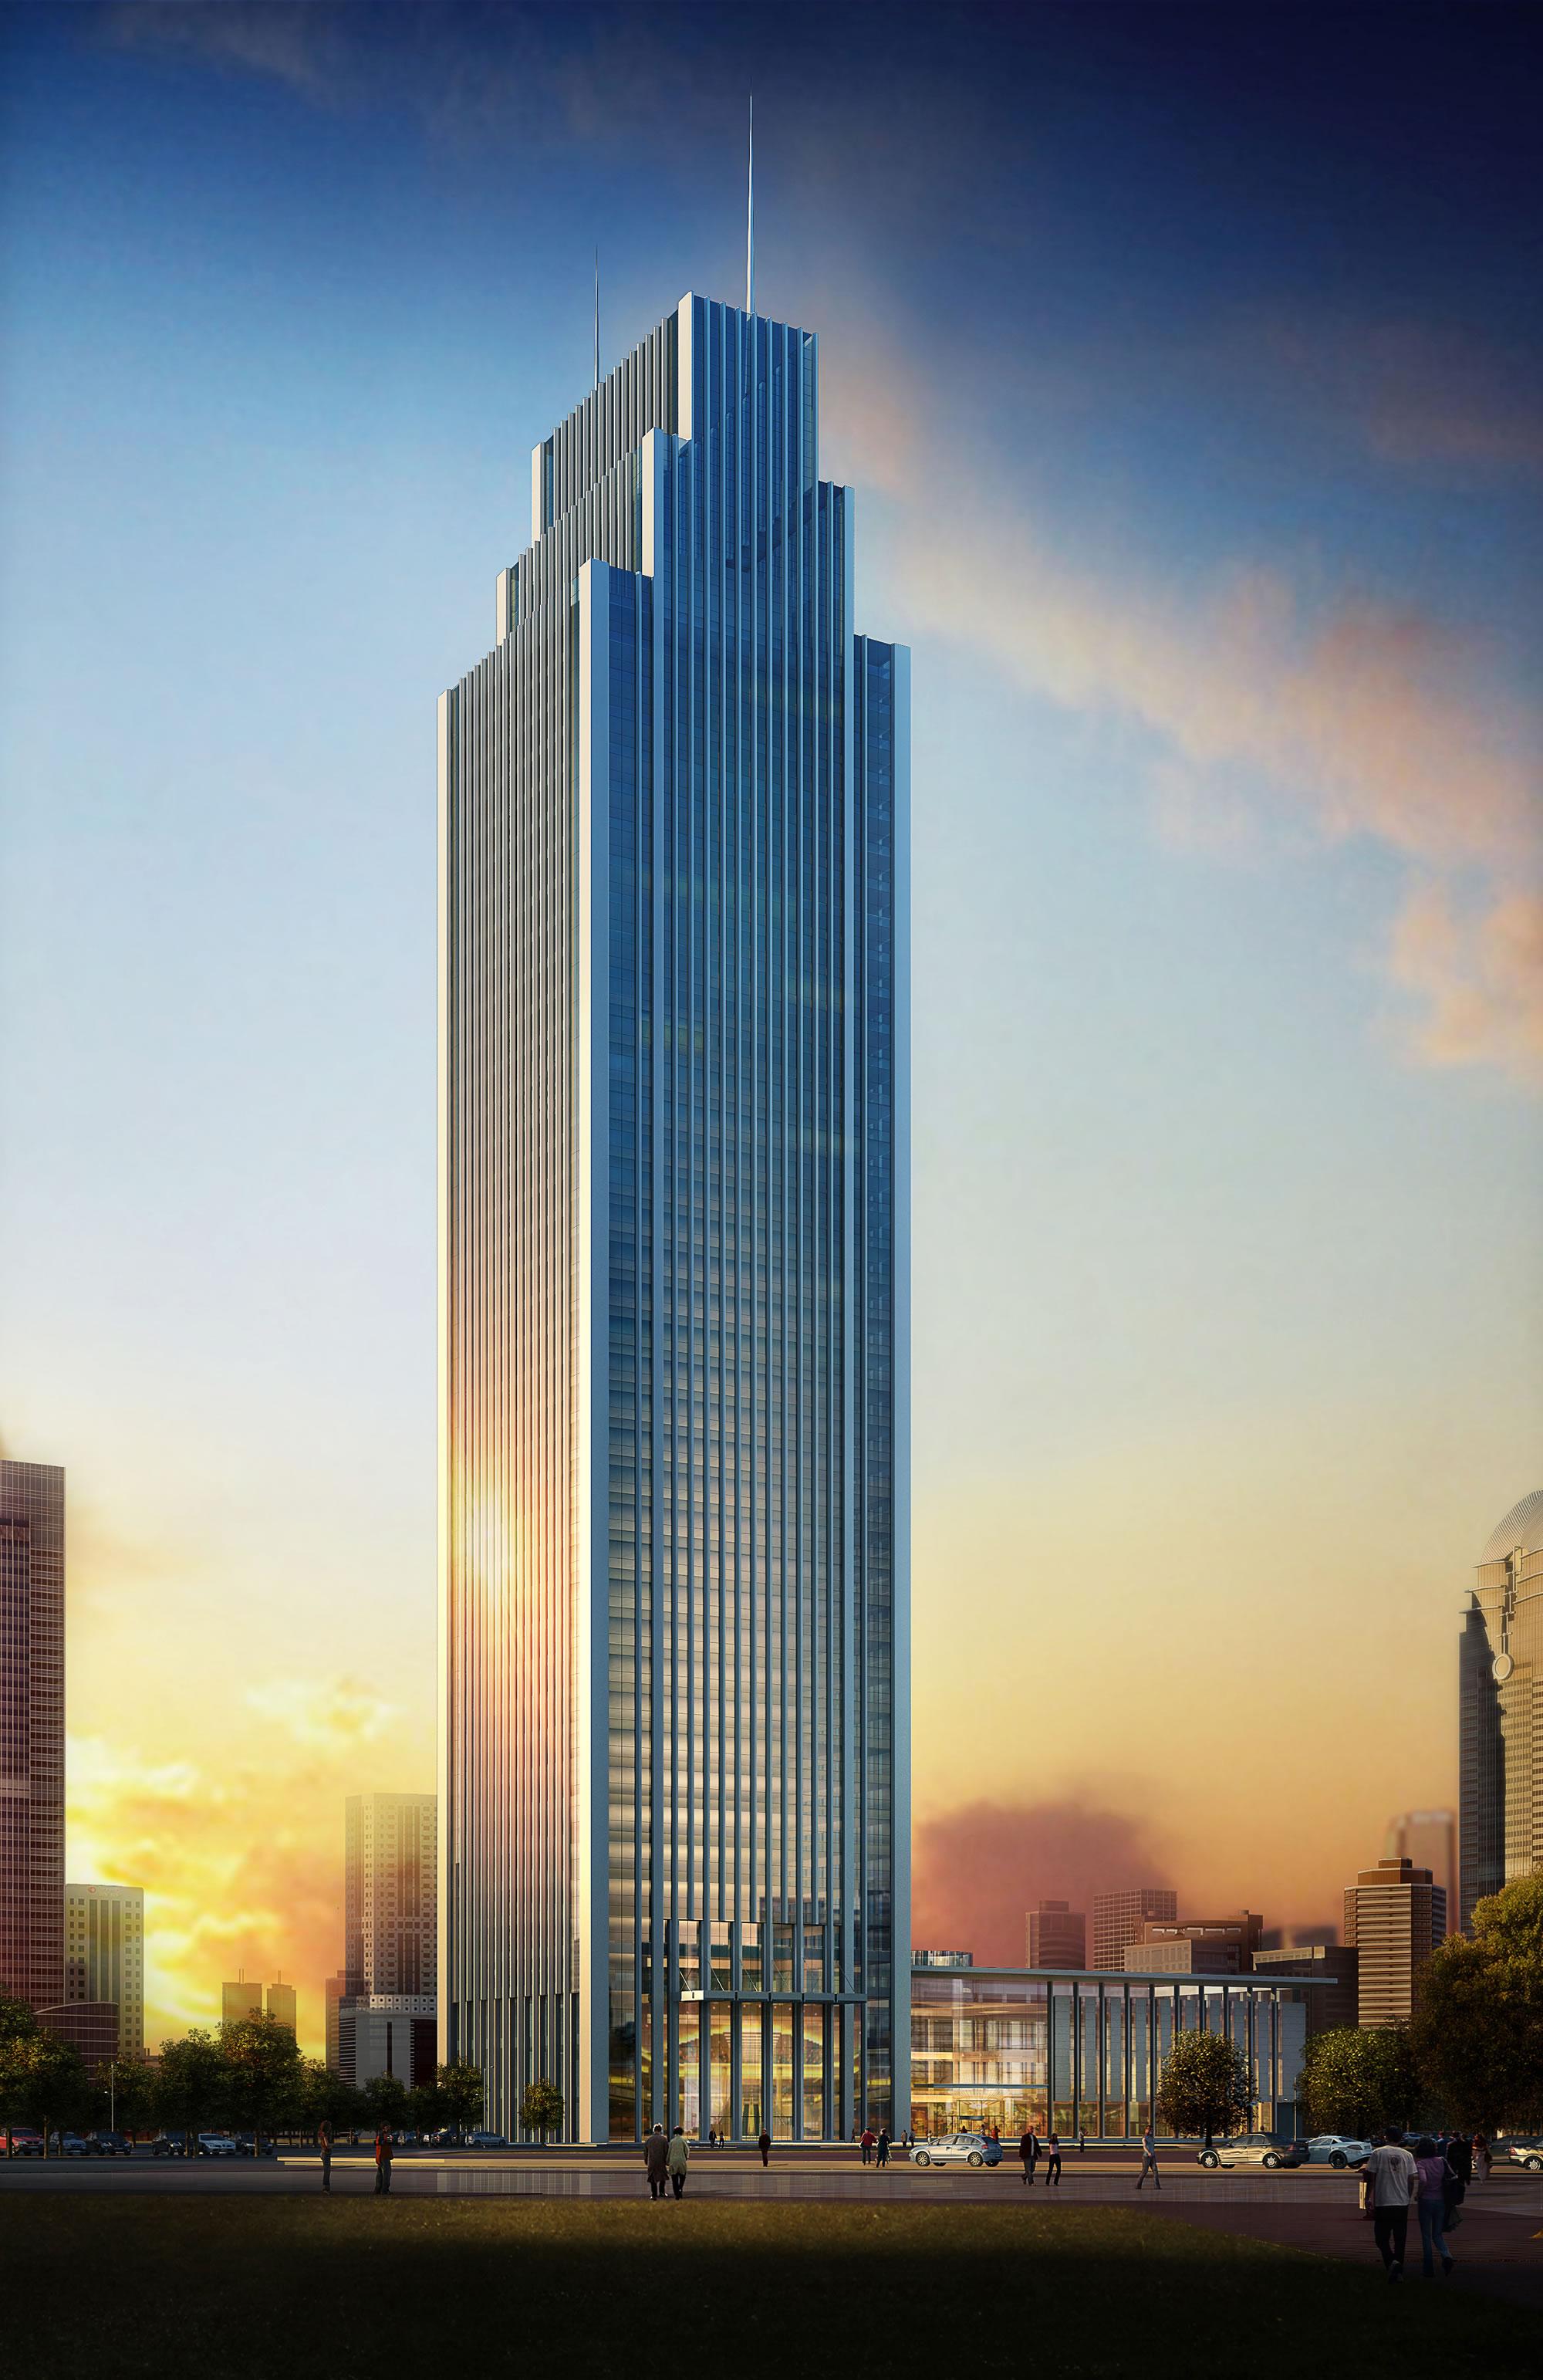 哈尔滨创新创业大厦